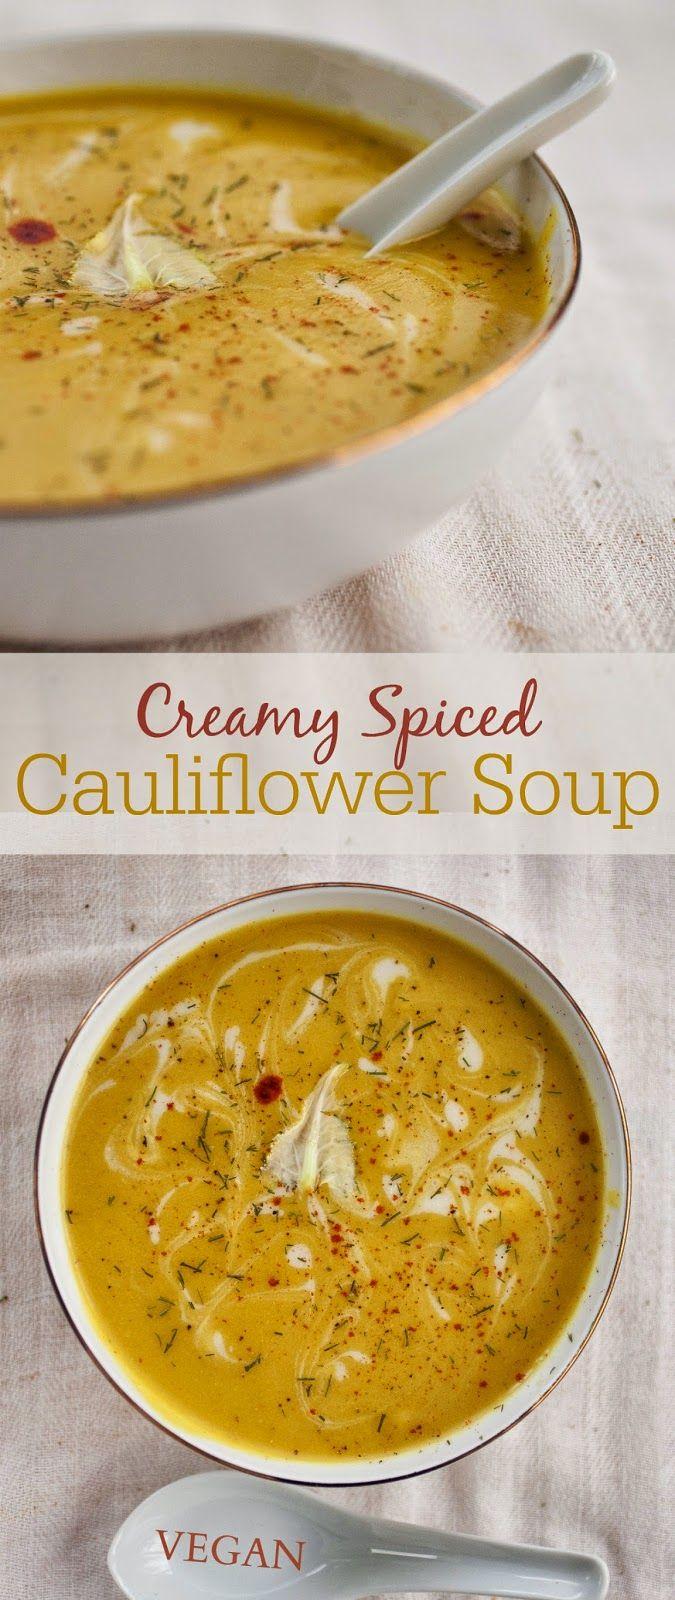 Creamy Spiced Cauliflower Soup Fooddrinks Sopas Y